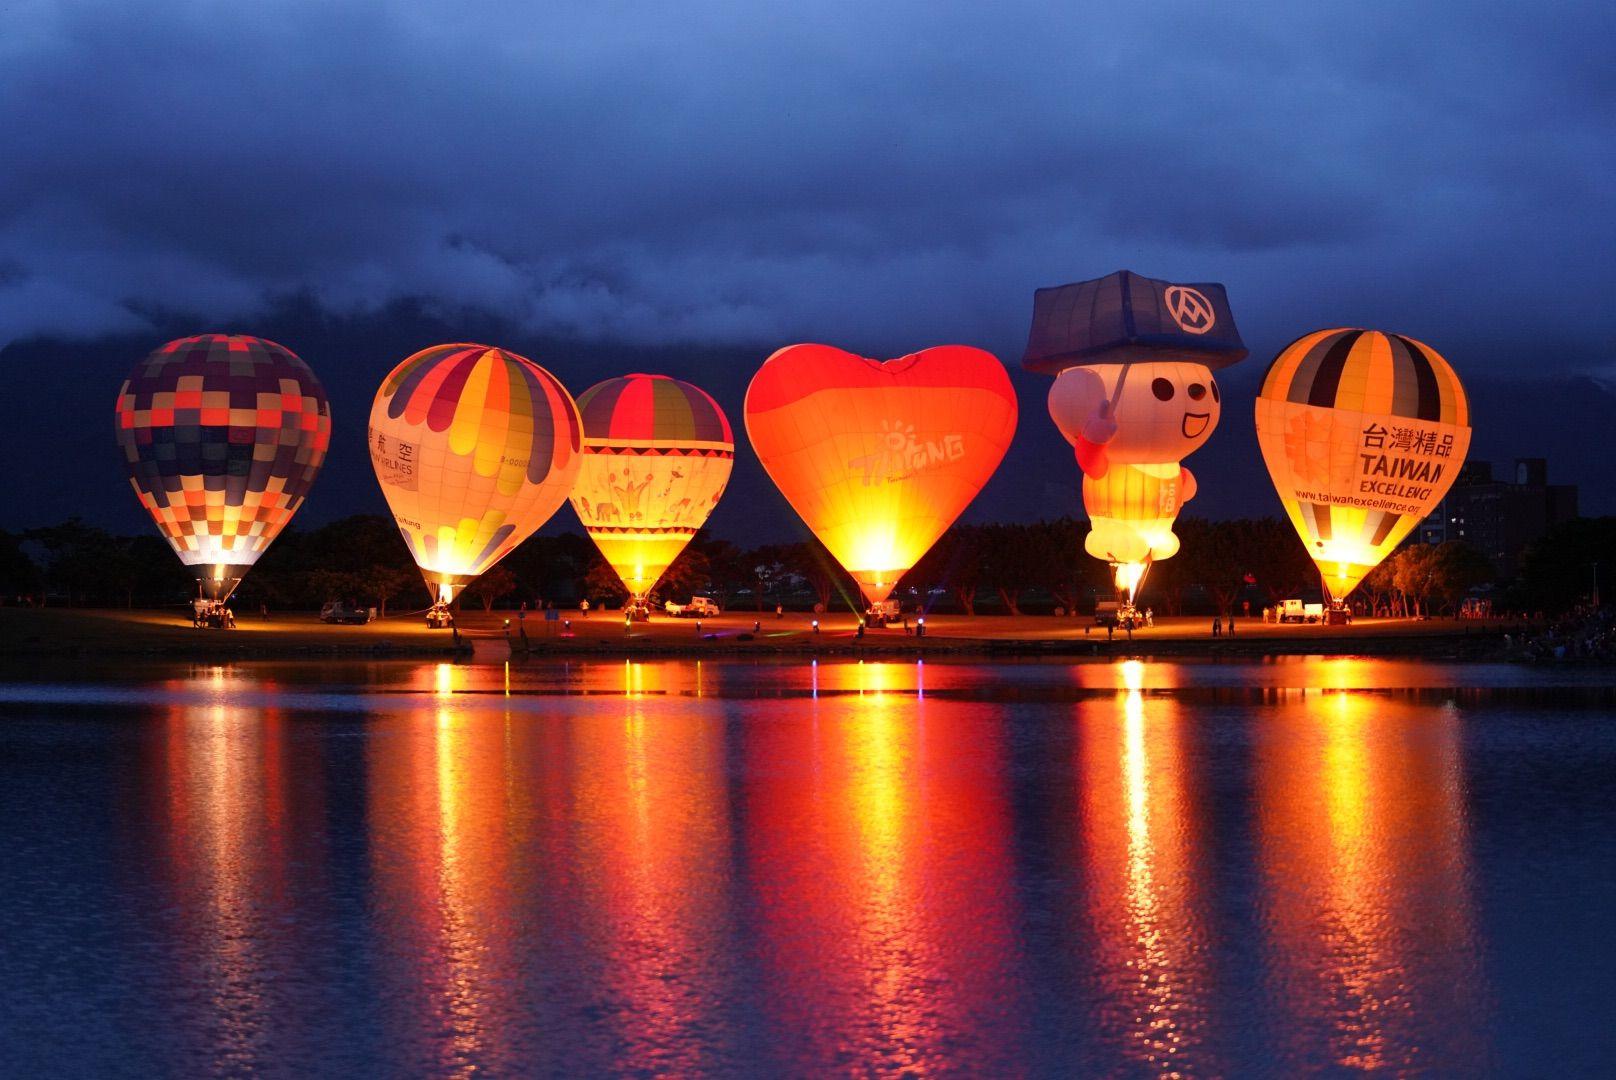 首發場「10在感謝你」熱氣球光雕音樂會,迎接2020台灣國際熱氣球嘉年華